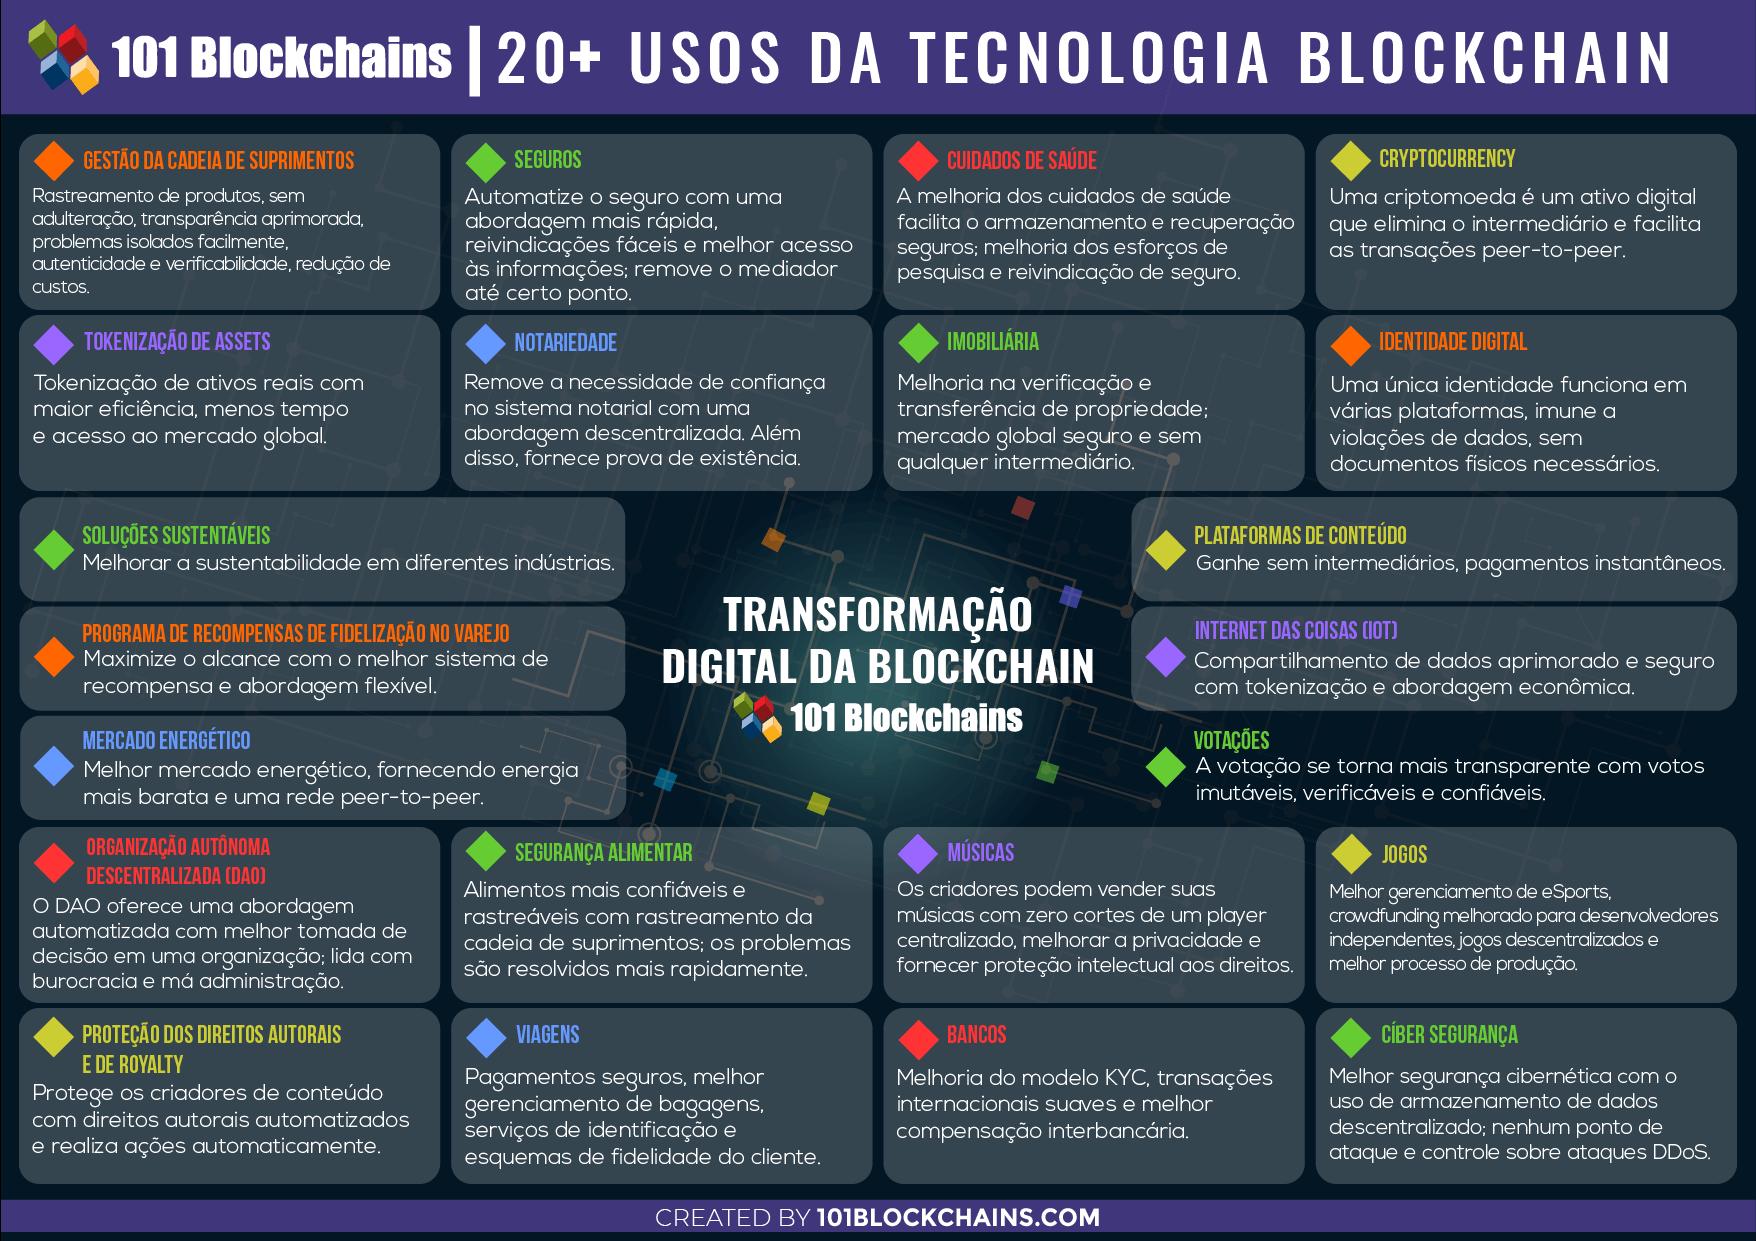 Casos de Uso da Tecnologia Blockchain